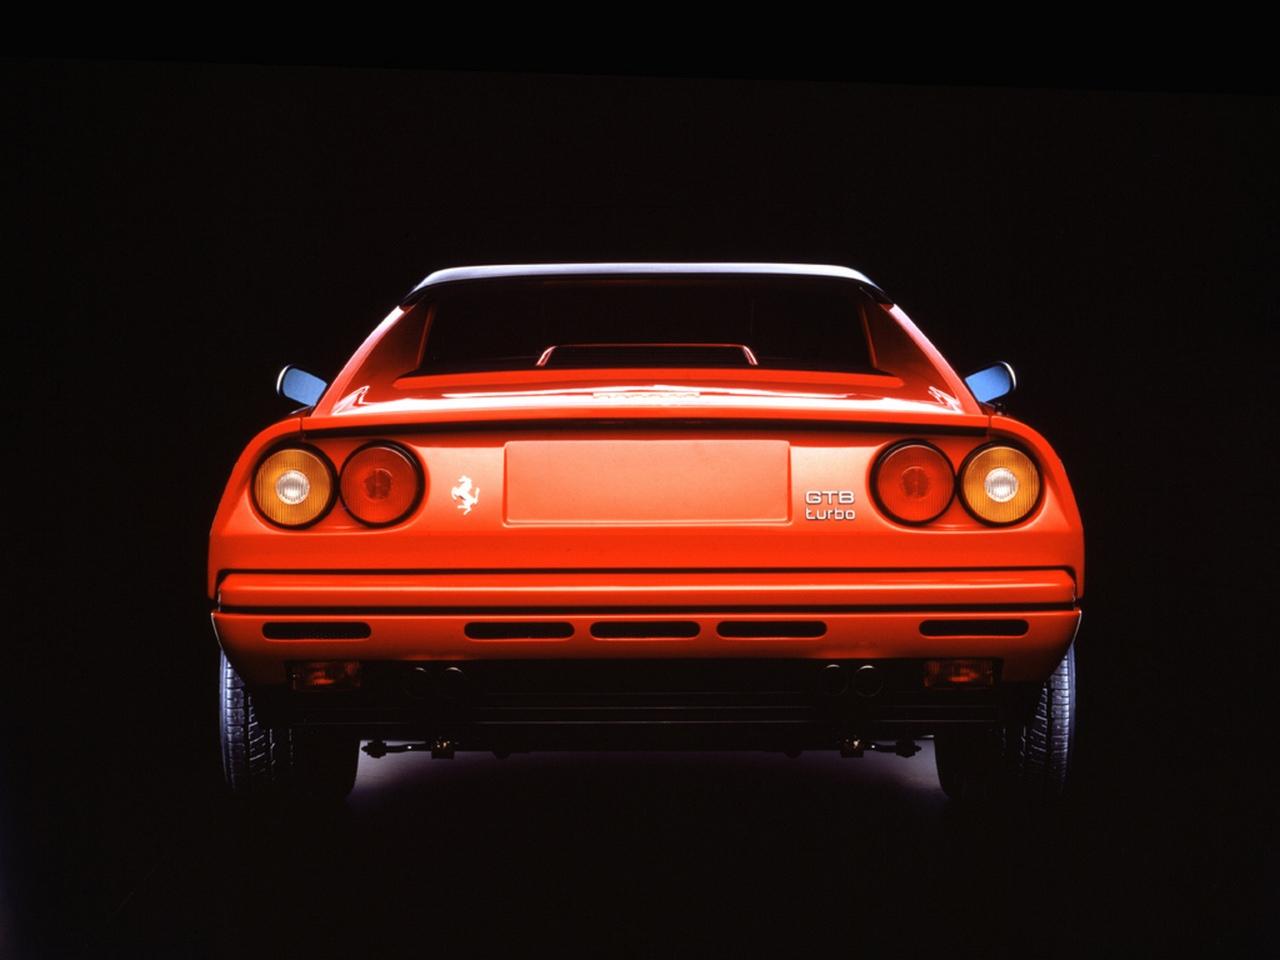 ferrari-GTB-GTS-Turbo_0-100_1